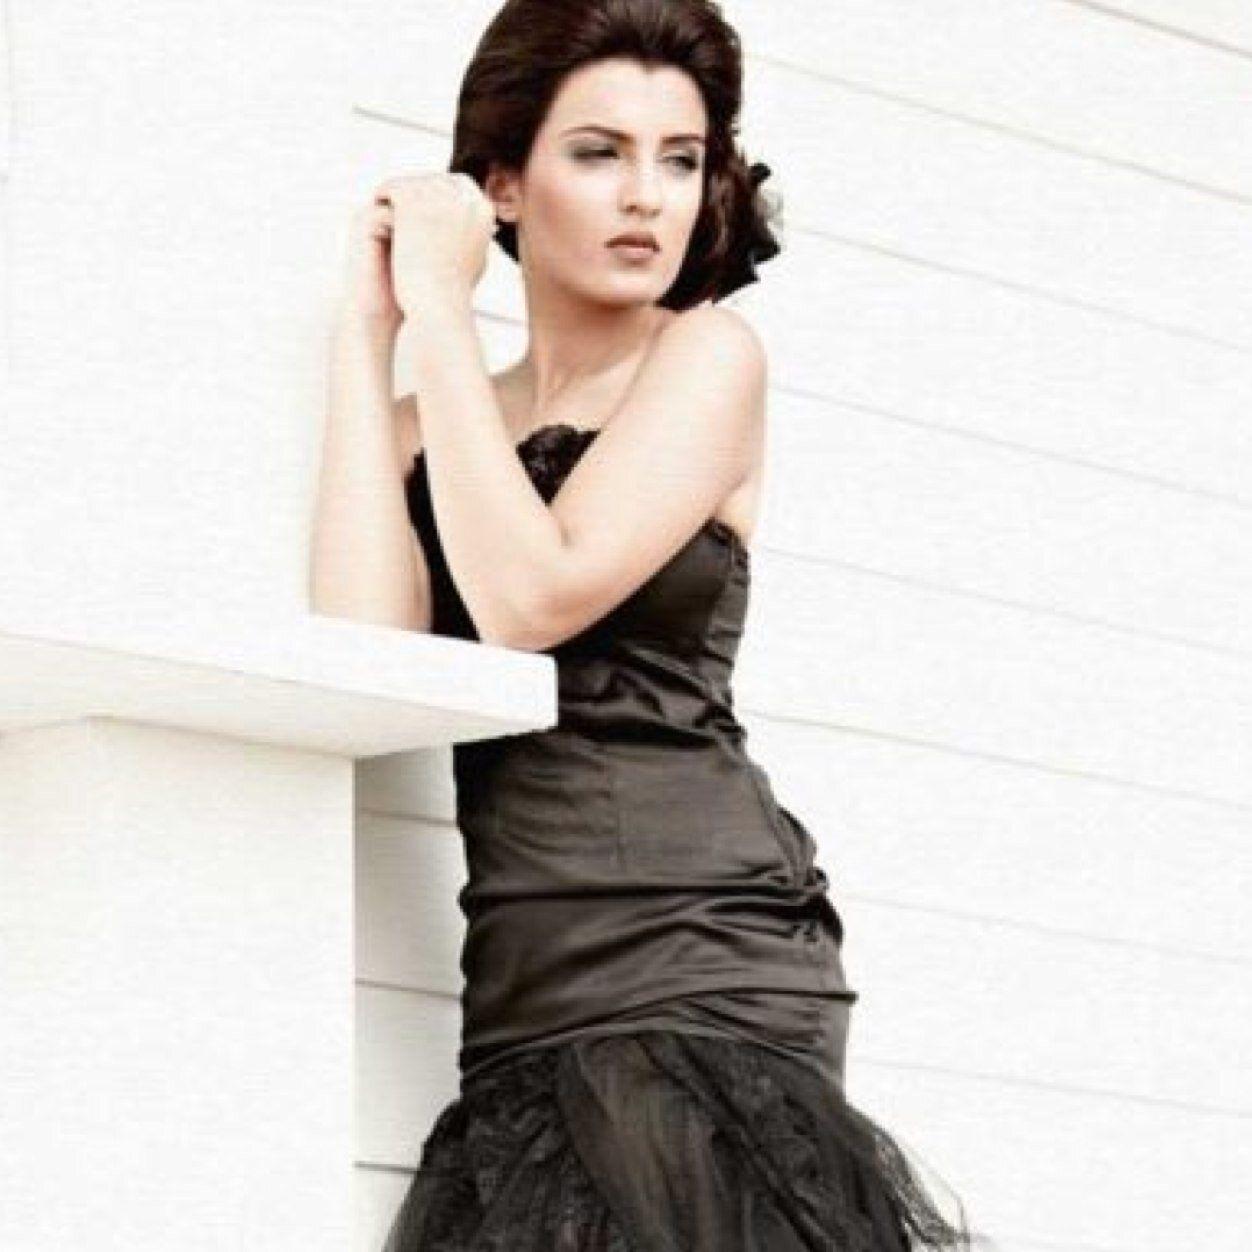 shiny doshi   shiny doshi (kusum)   pinterest   actresses and models